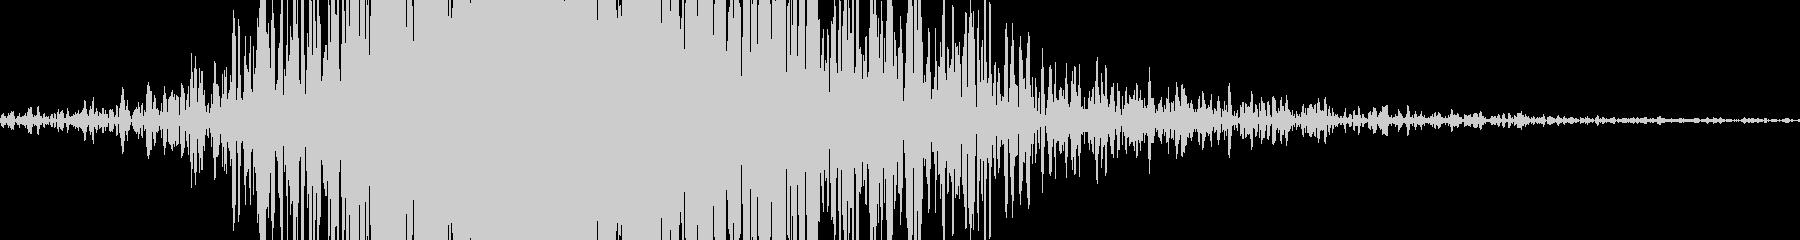 ブォン 風切り音 スイング音  (低め)の未再生の波形